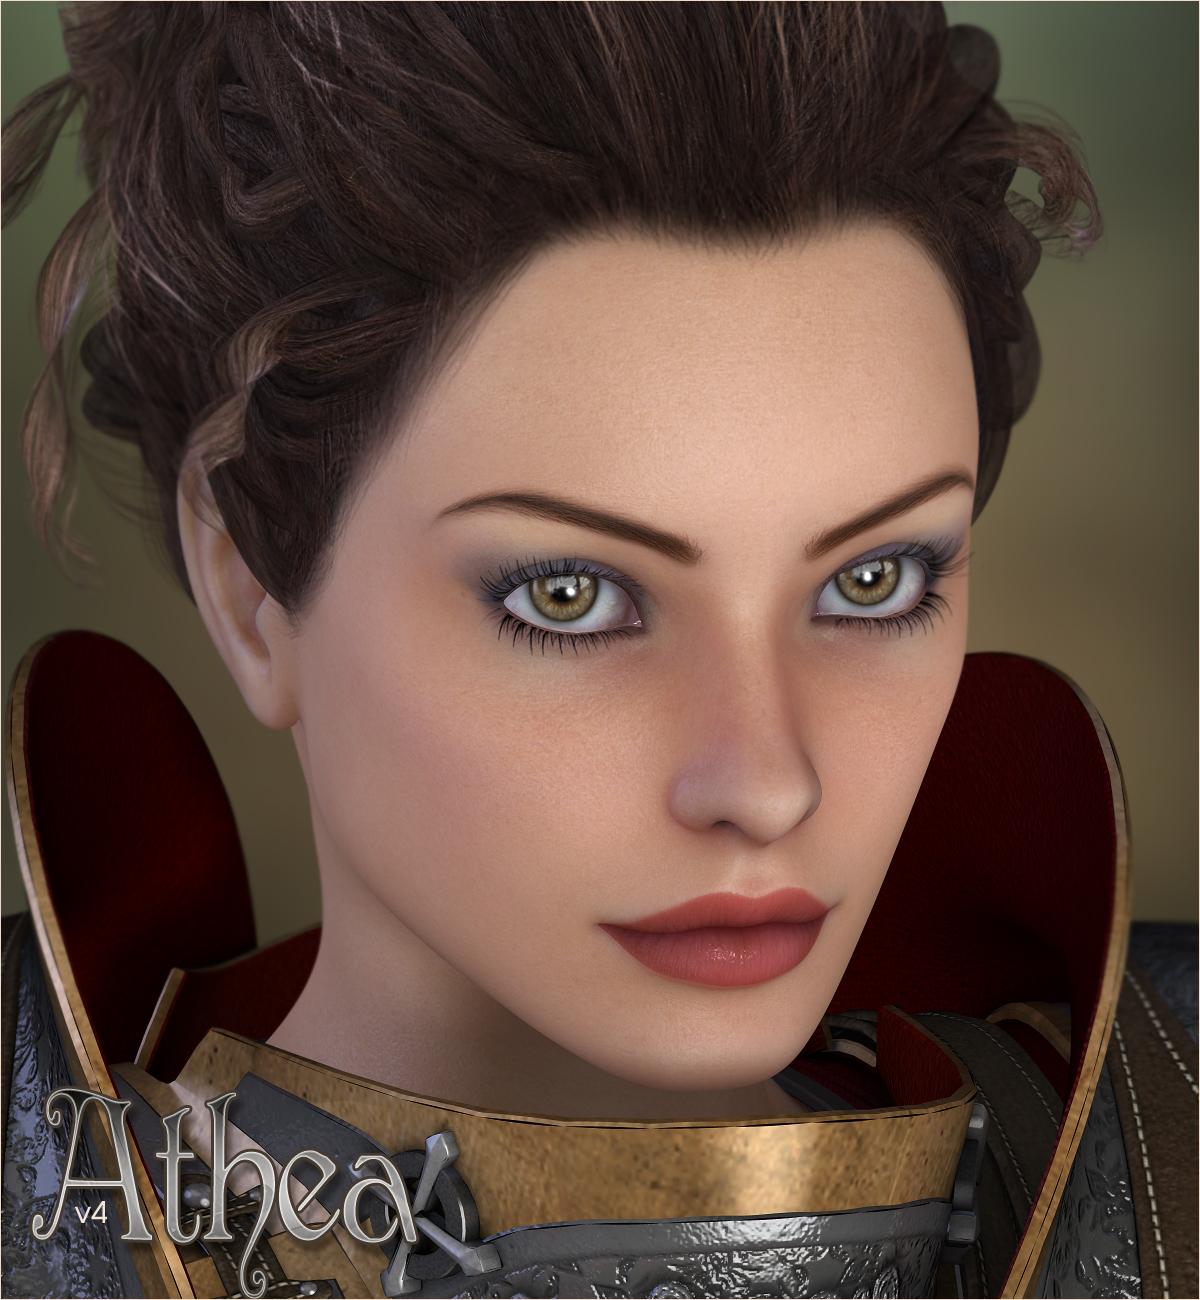 Athea – V4 Girl